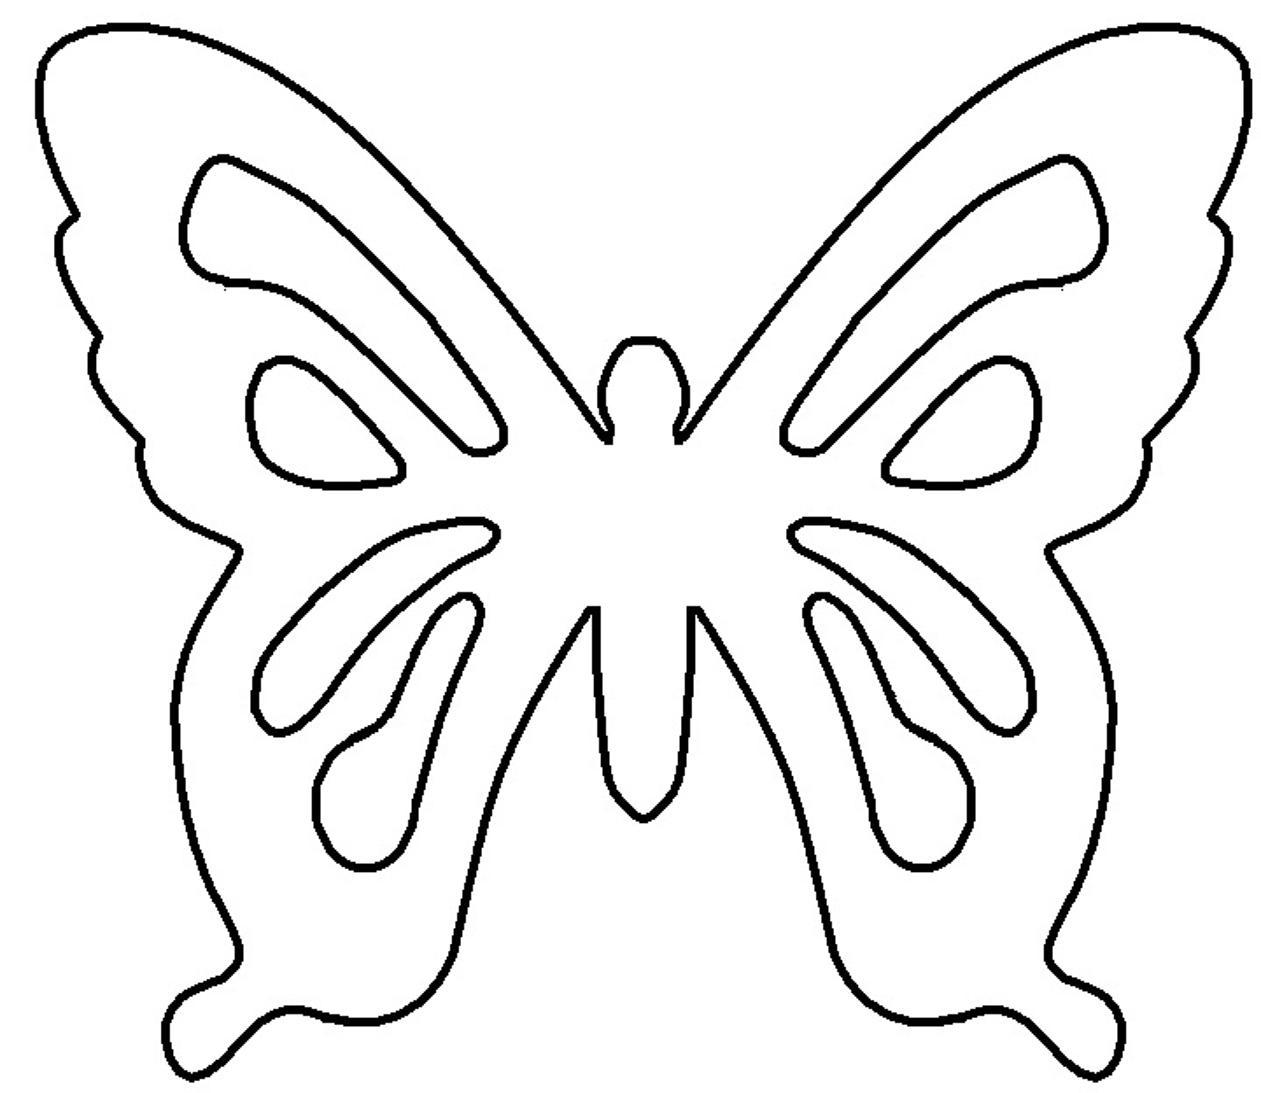 Coloring butterfly cut paper бабочка выкройка из бумаги, для детского творчества